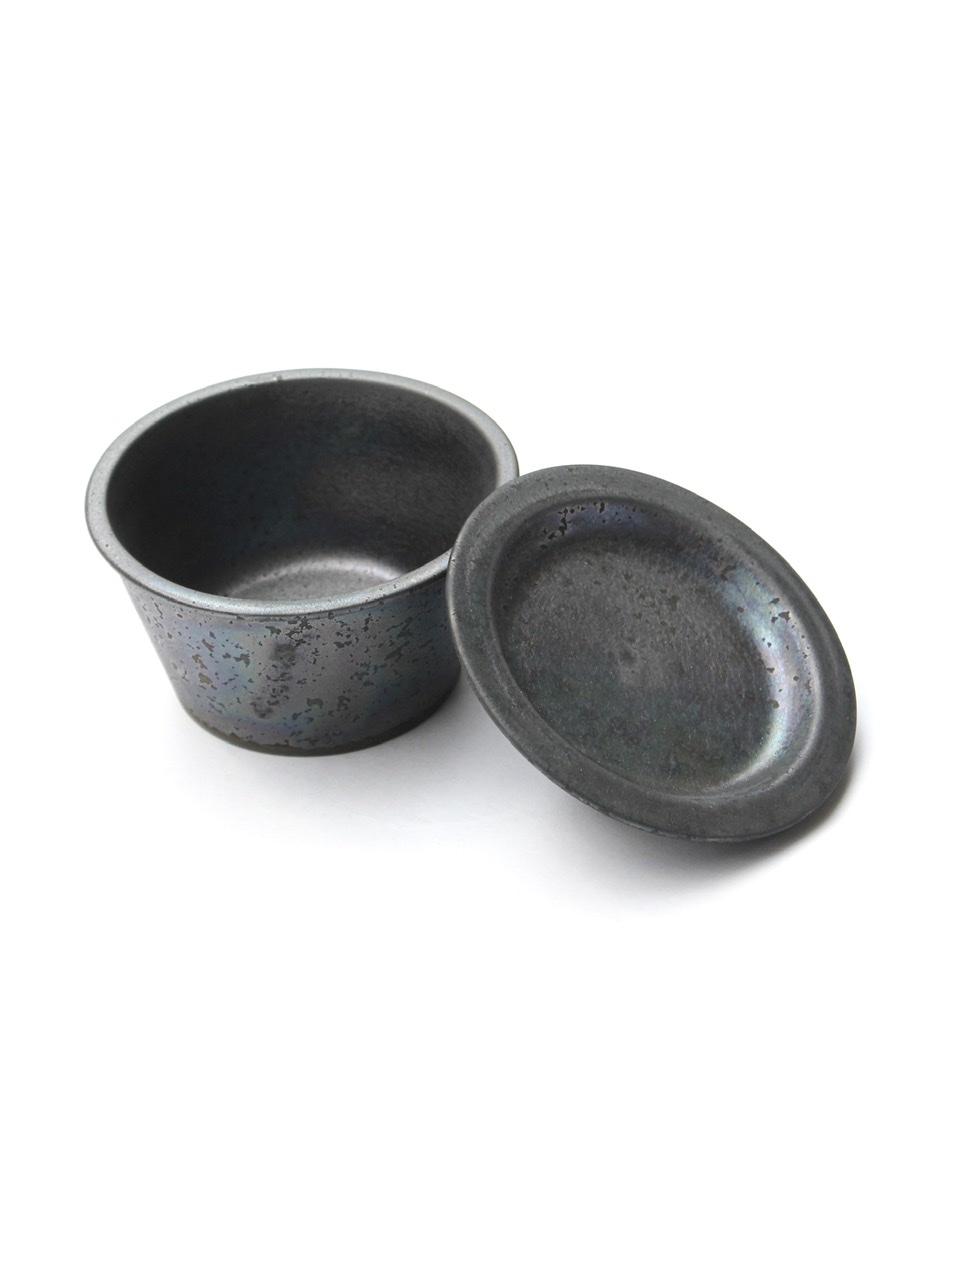 ONE KILN CERAMICS / Bowl Set M